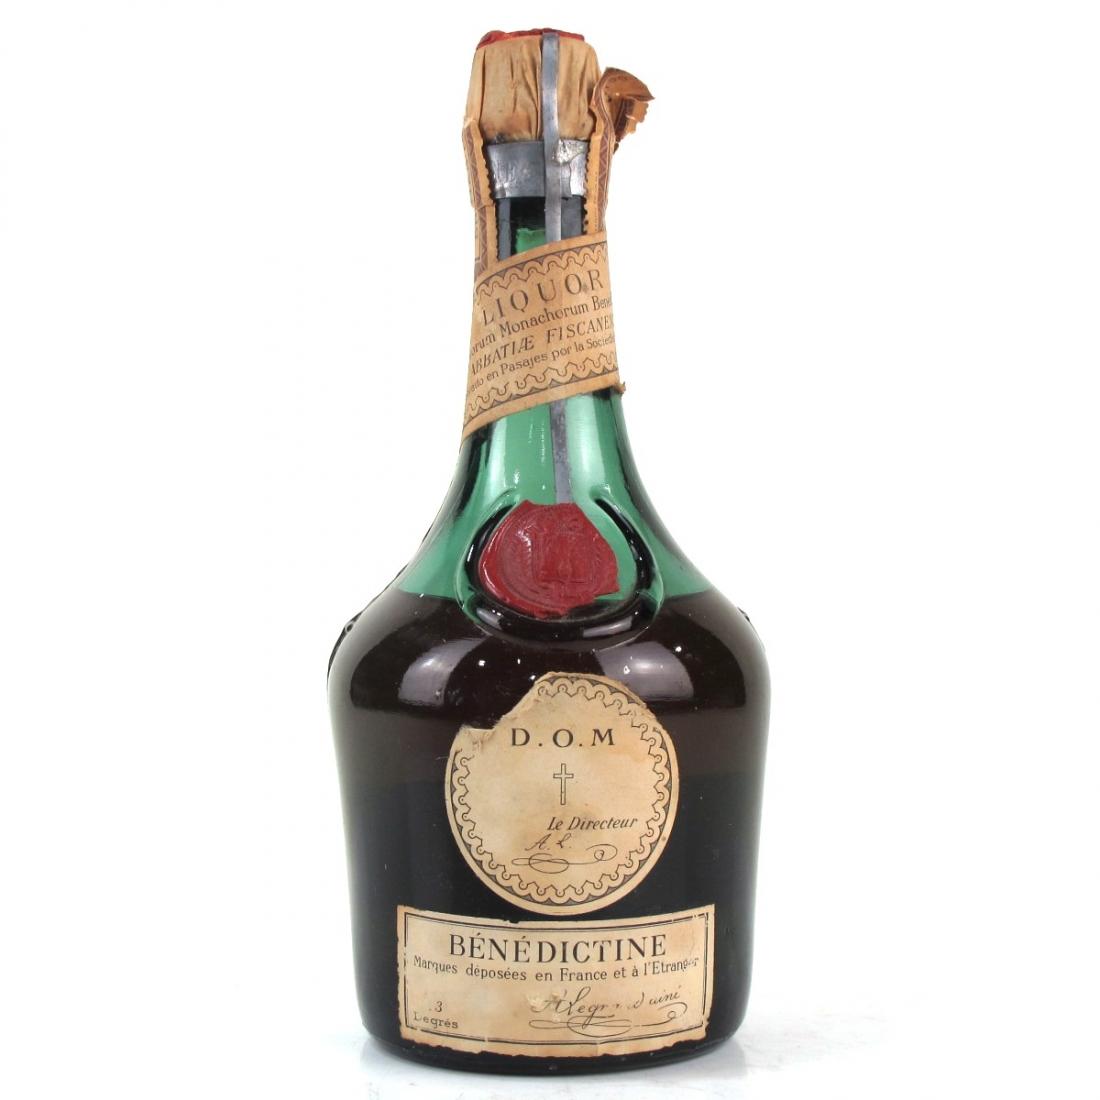 Benedictine D.O.M Liqueur 1960s Half Bottle